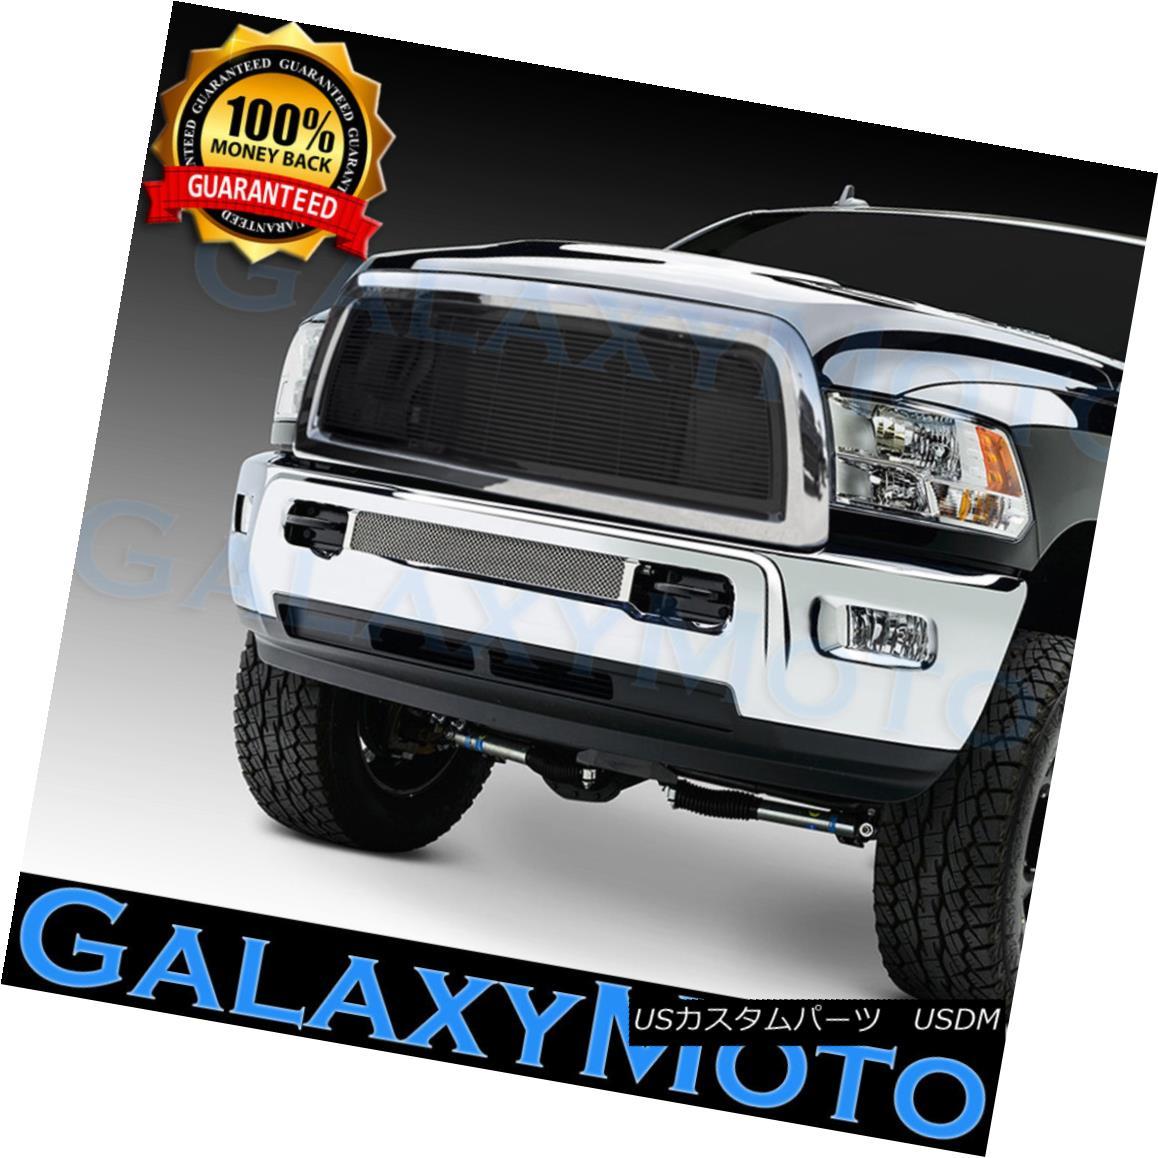 グリル 10-12 Dodge RAM 2500+3500+HD Black Billet Grille+Replacement+Chrome Shell 10-12ダッジRAM 2500 + 3500 + HDブラックビレットグリル+交換 ment + Chrome Shell